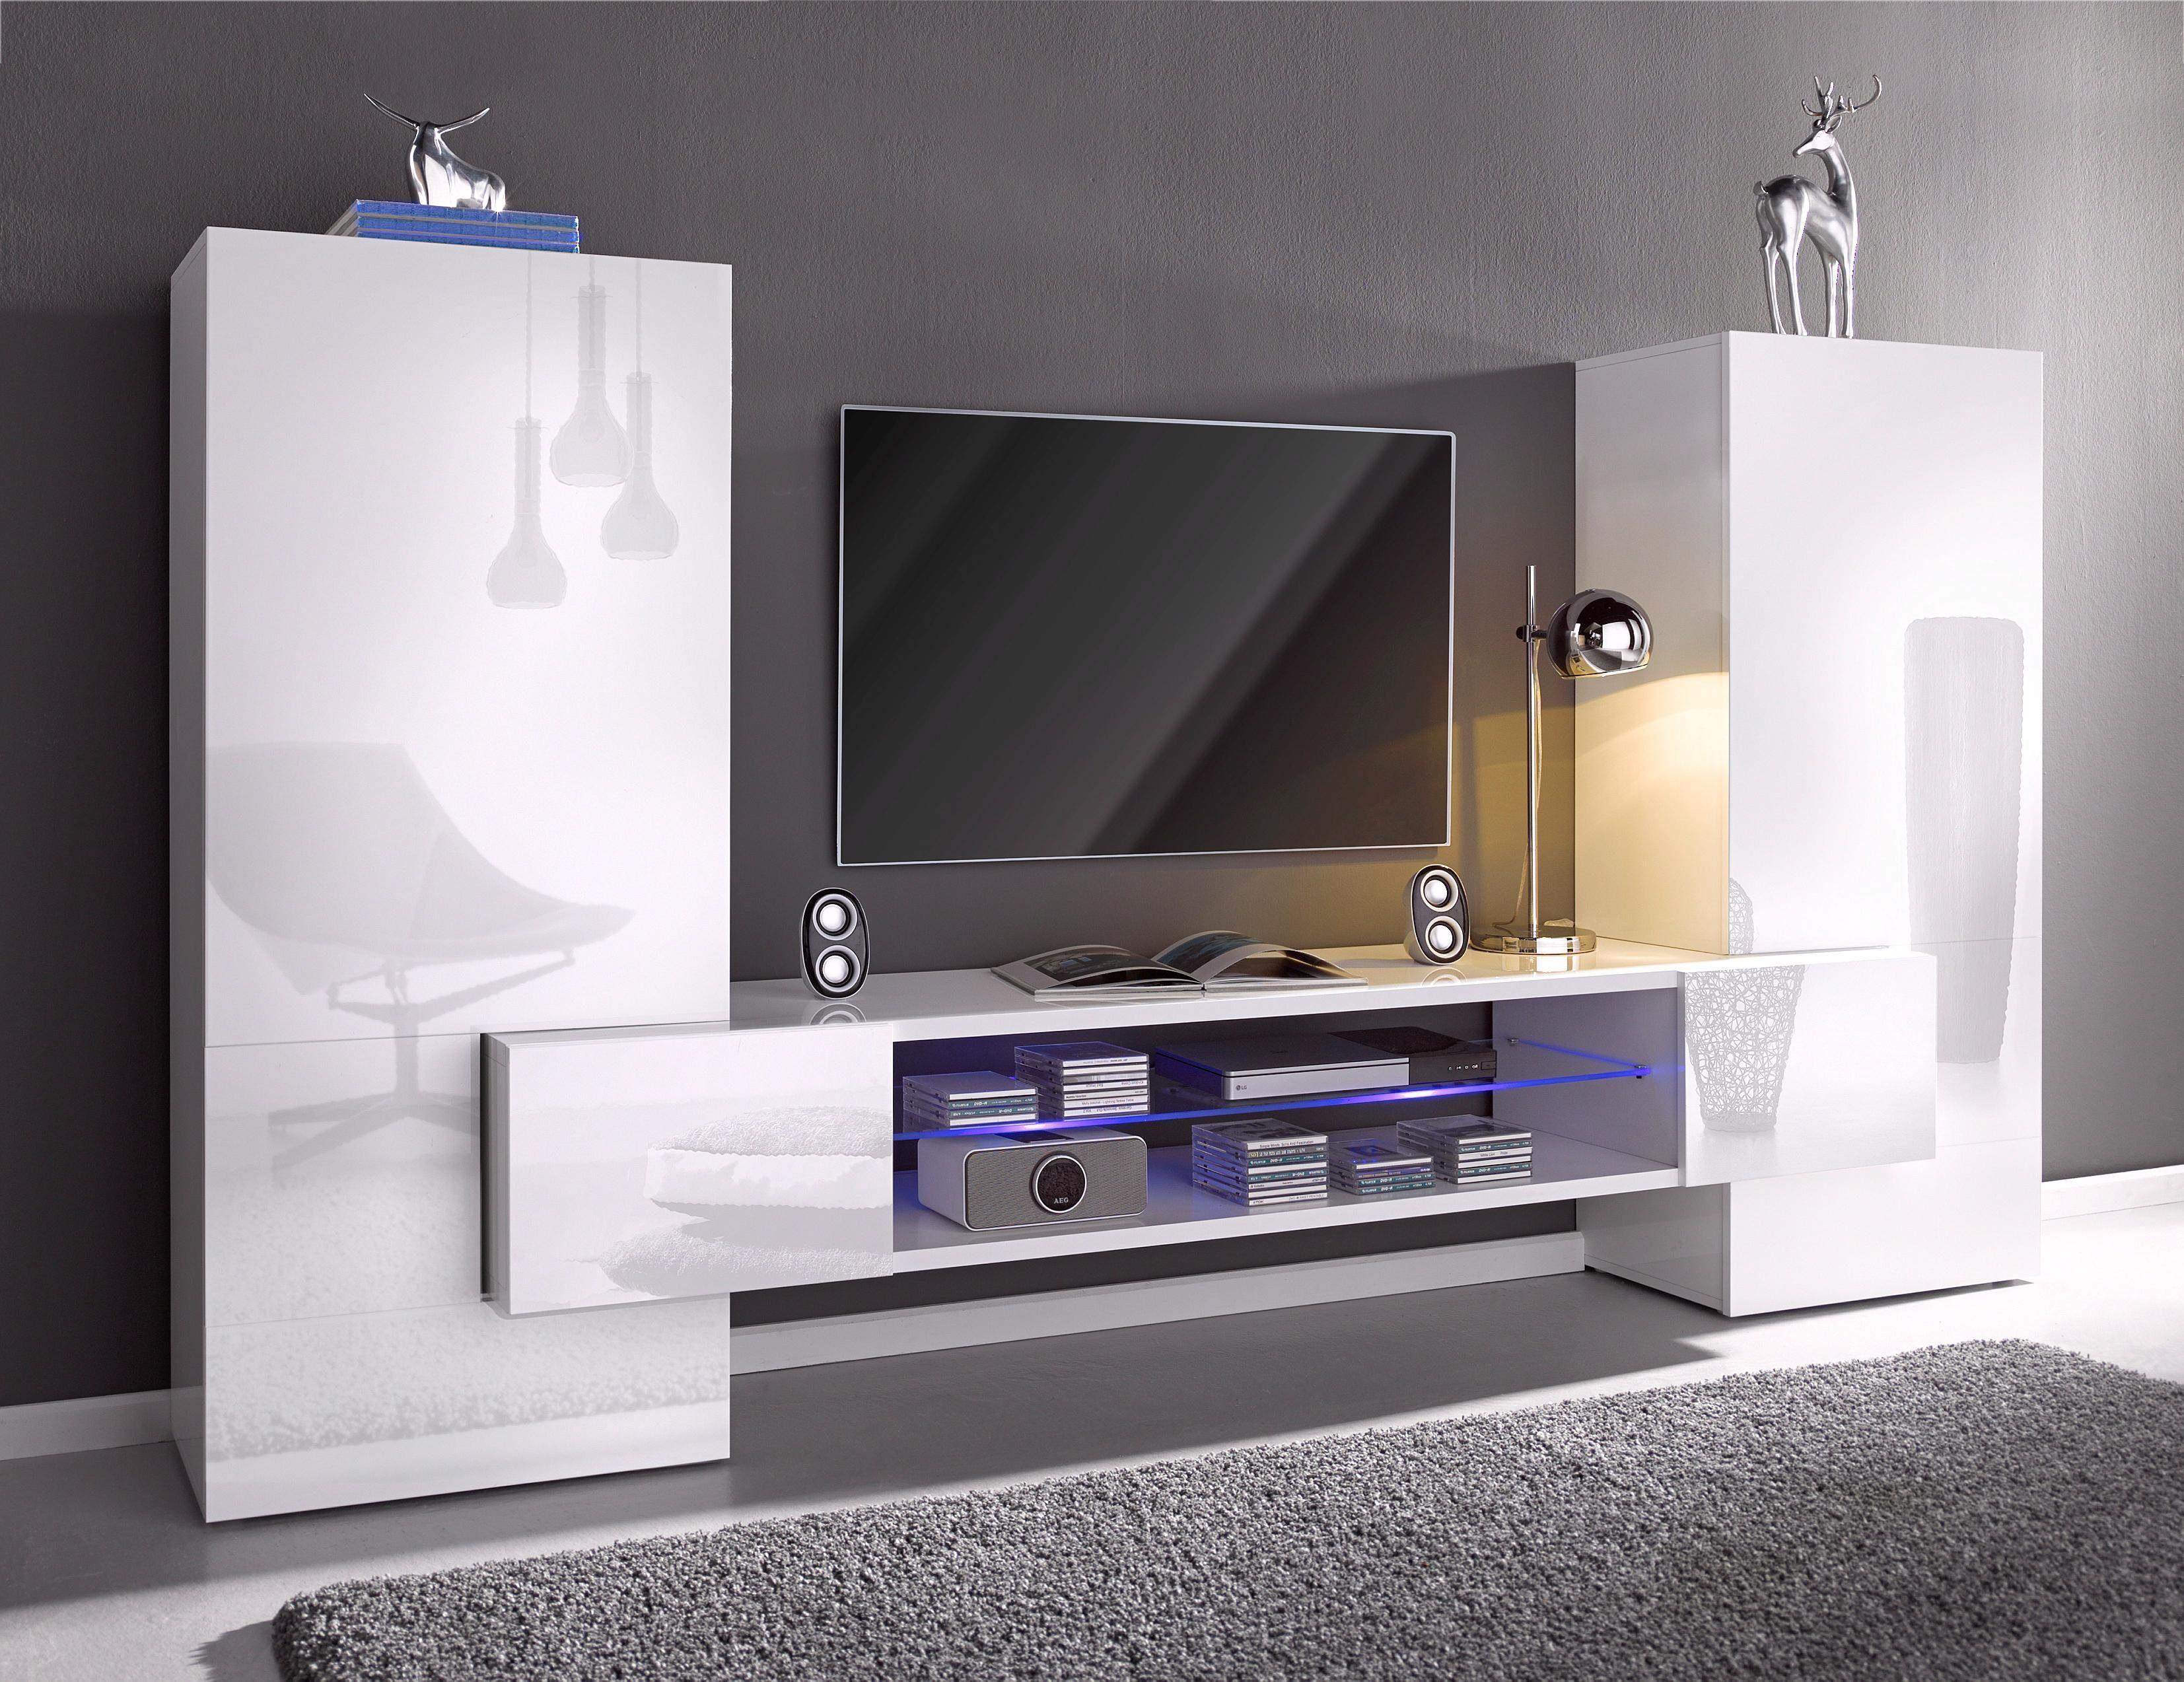 Hochwertige Wohnwand Sammlung : Moderne wohnwand online kaufen otto